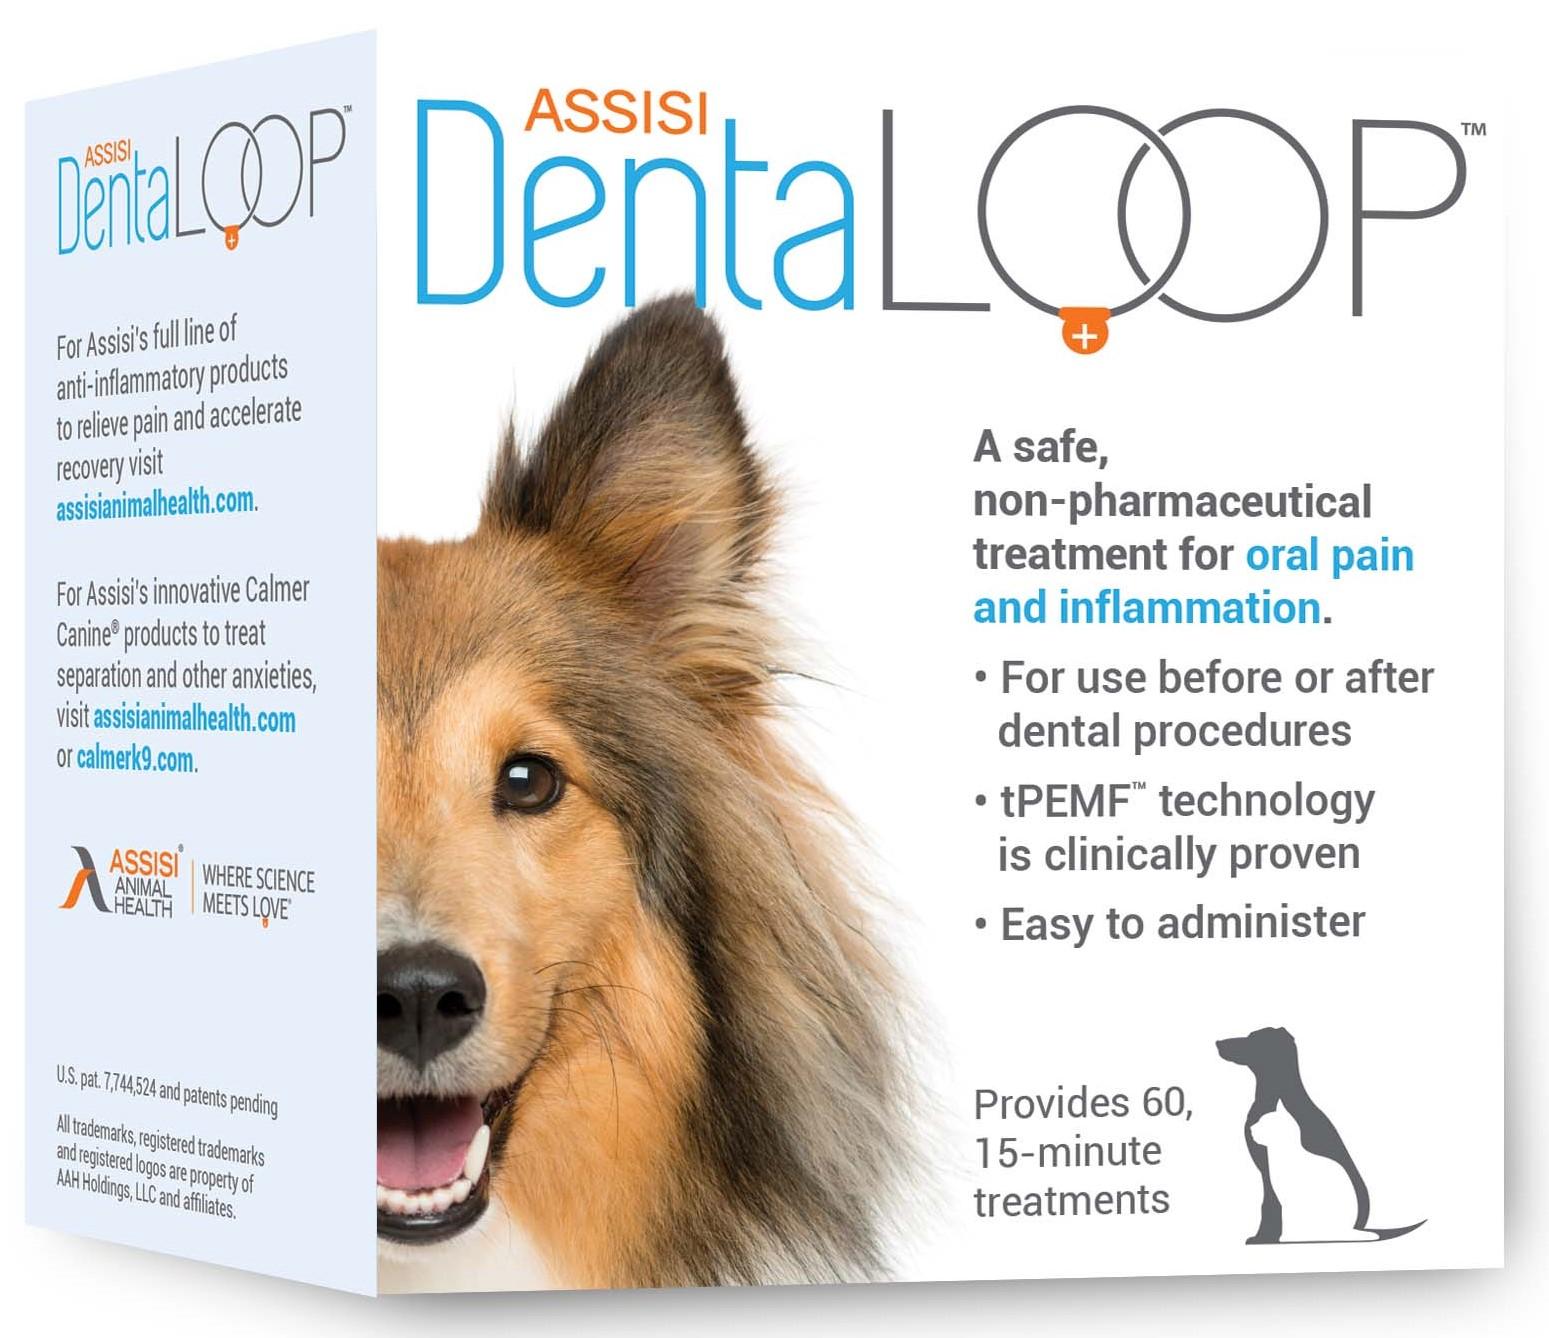 DentaLOOP Package